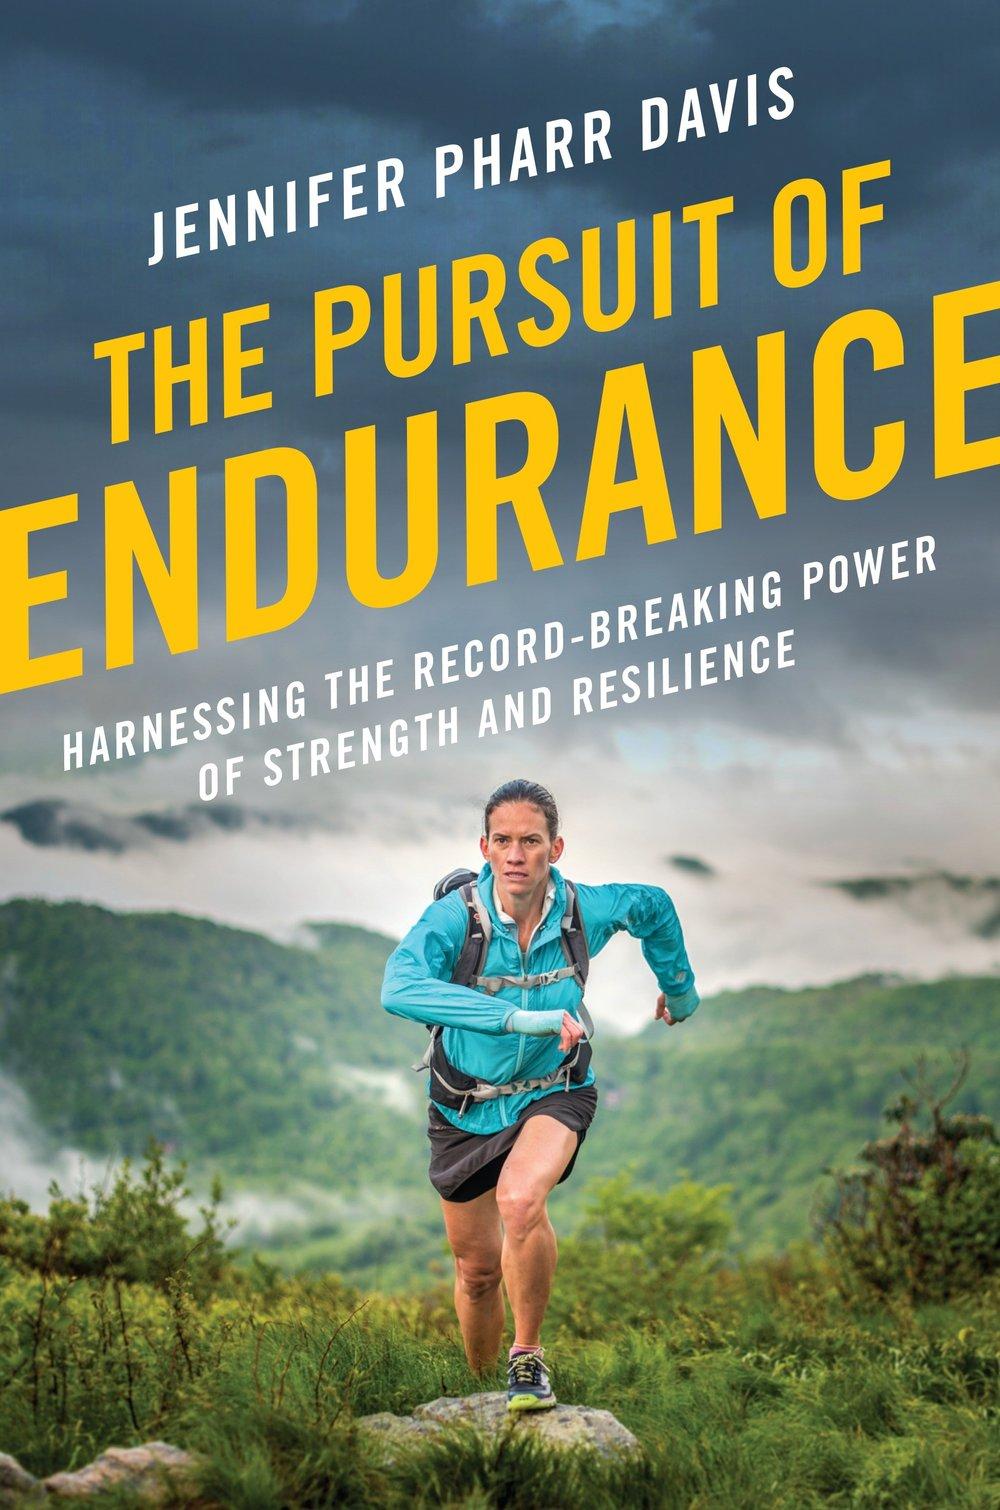 Jennifer Pharr Davis The Pursuit of Endurance